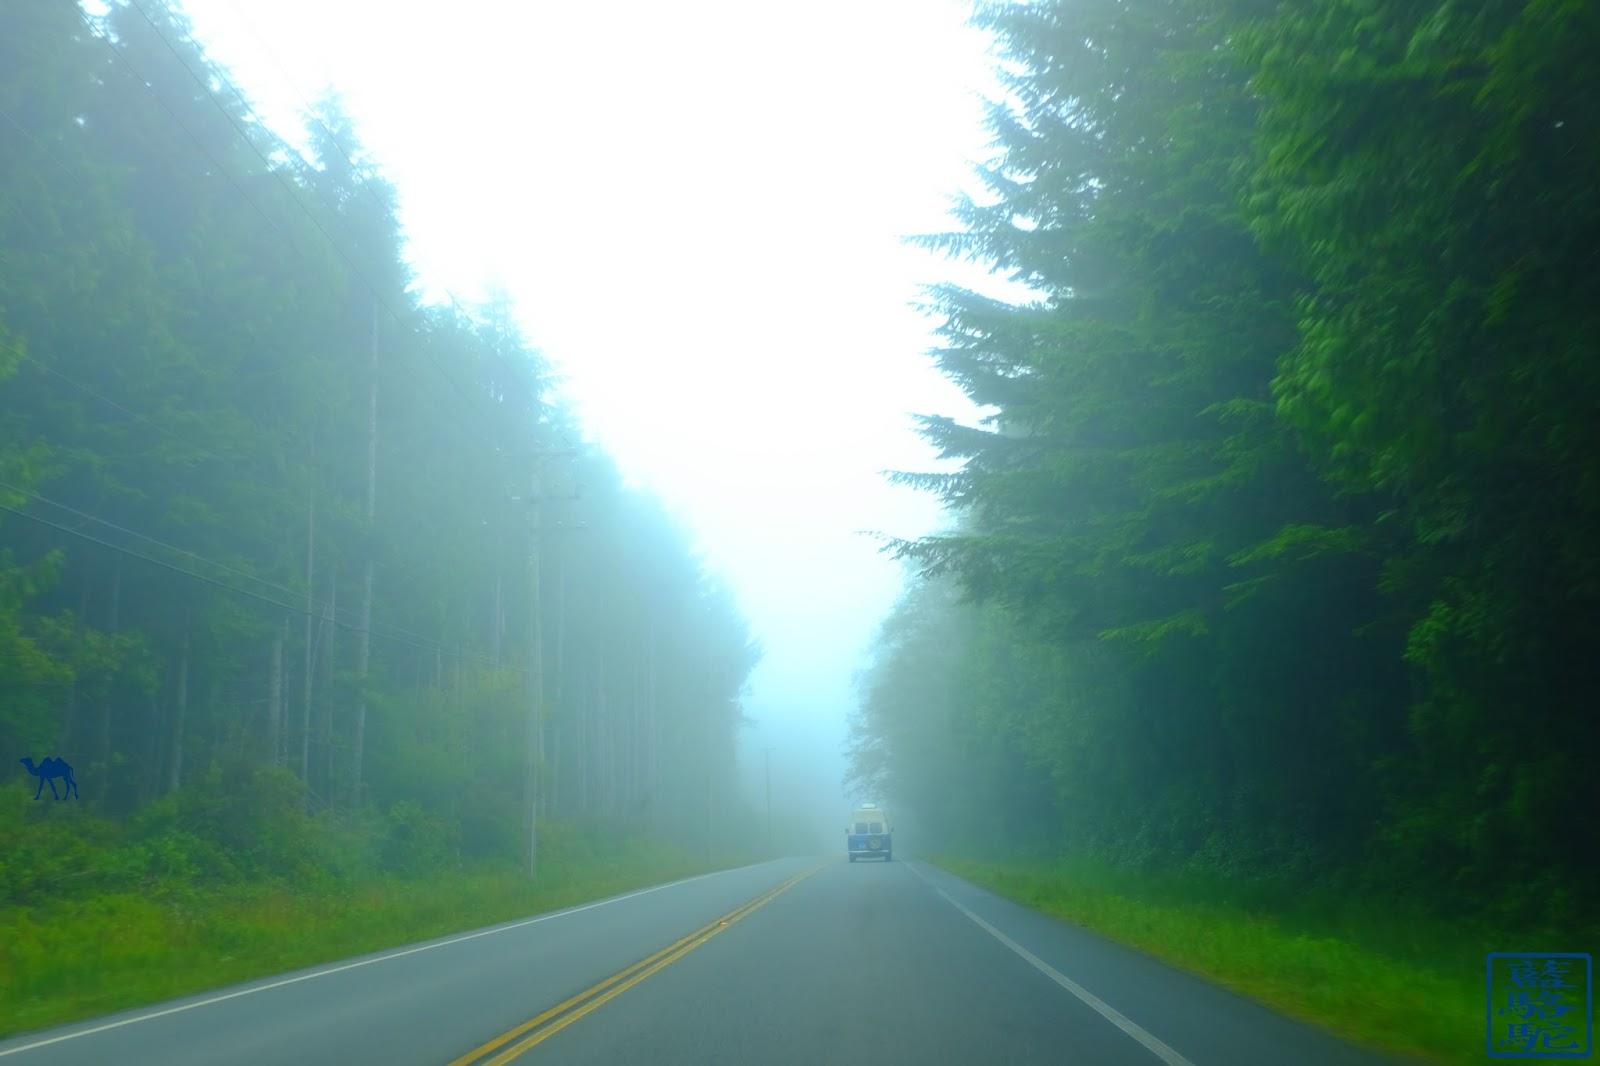 Le Chameau Bleu - Sur Les Routes de Vancouver Island